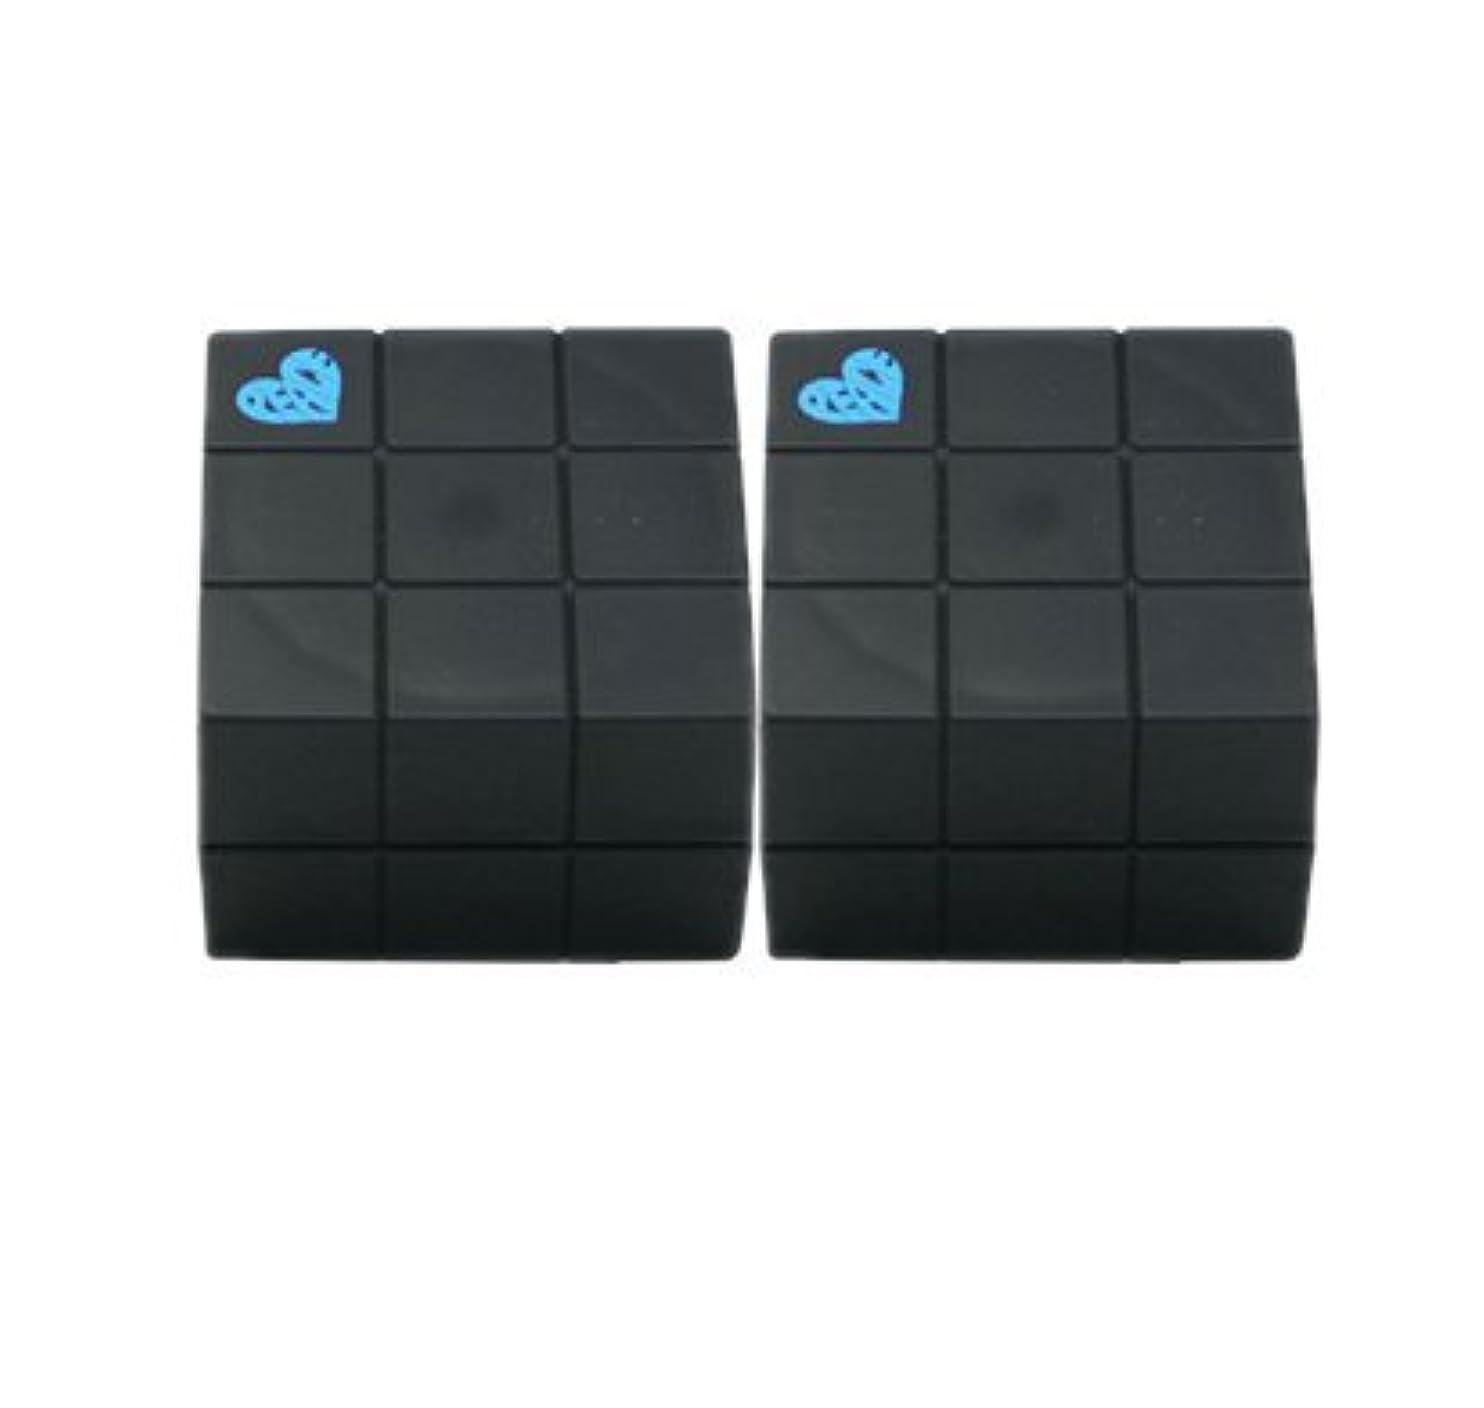 言語学シンカンモバイル【X2個セット】 アリミノ ピース プロデザインシリーズ フリーズキープワックス ブラック 40g